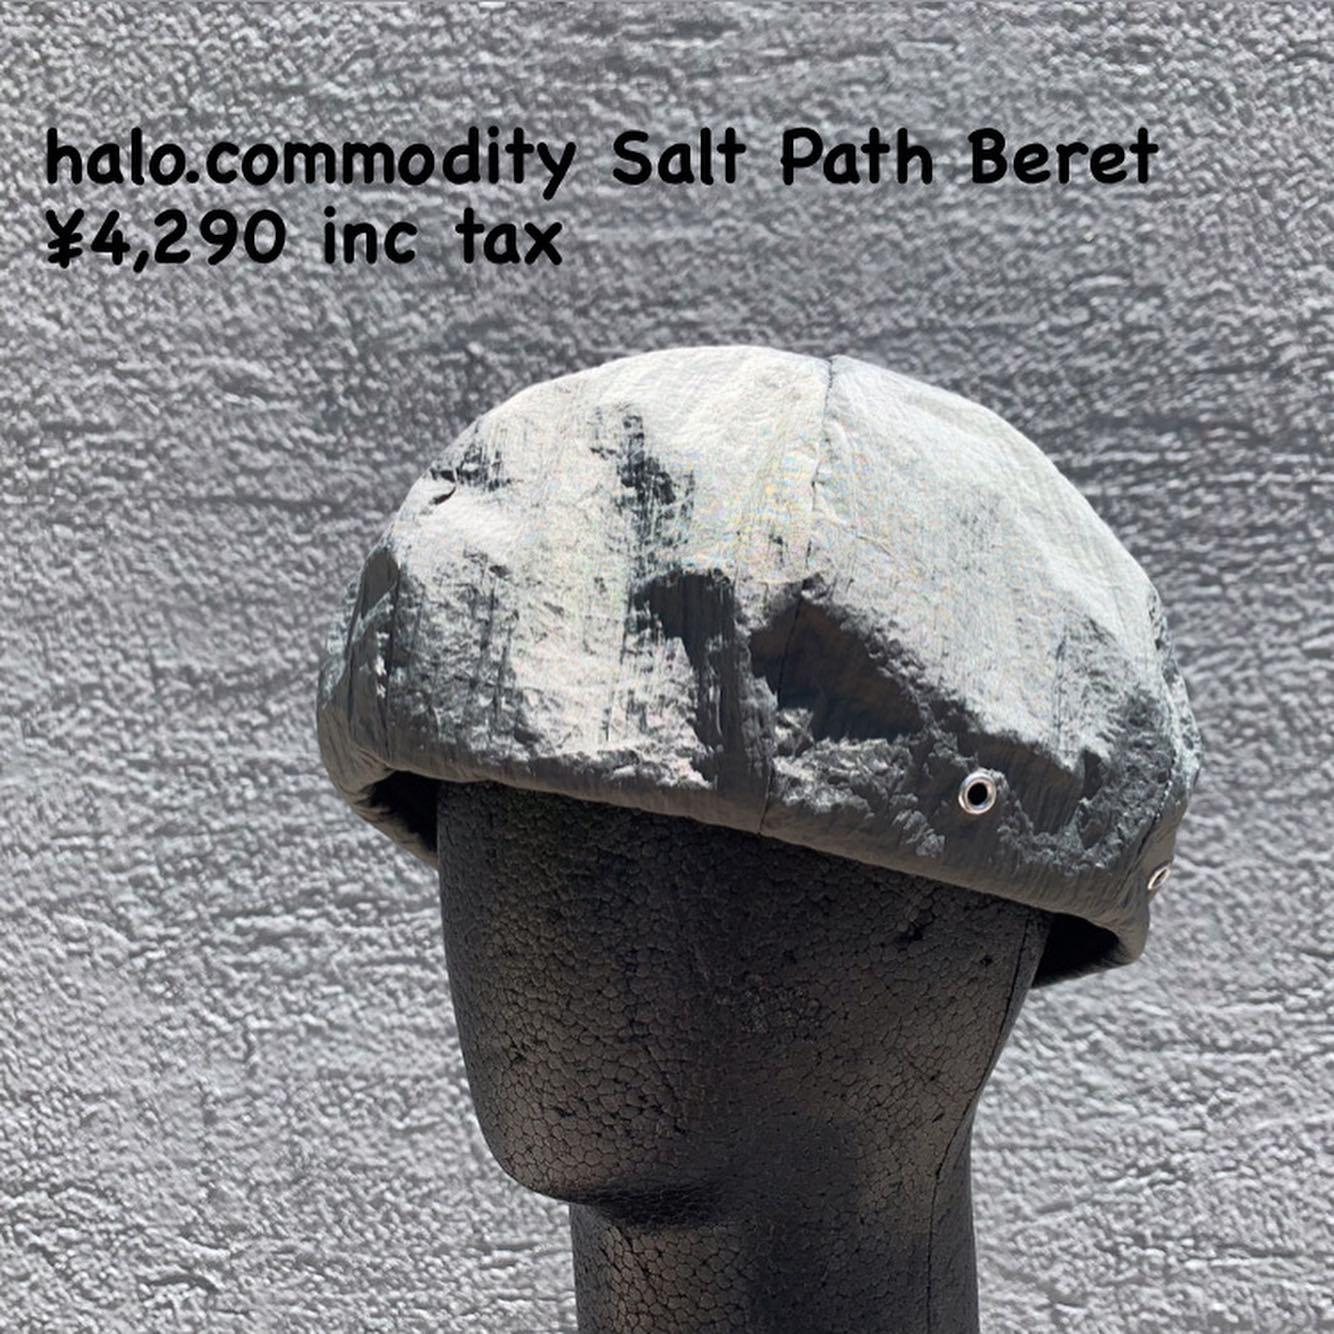 アーバンな印象のベレー帽『halo.commodity ソルト パス ベレー』のご紹介